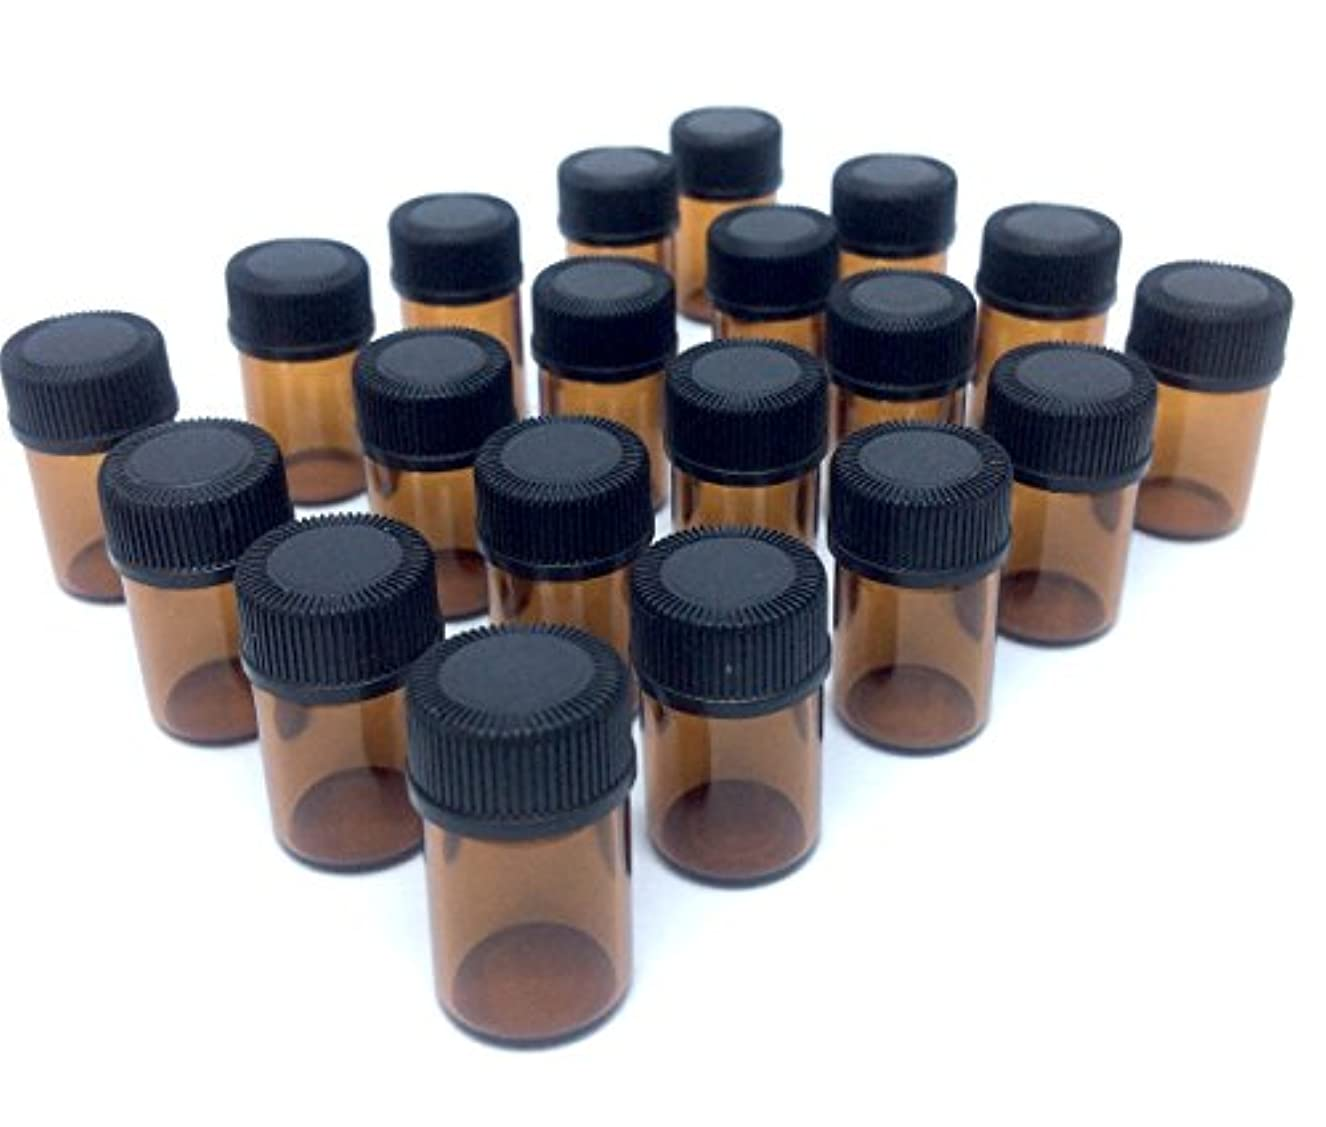 受け継ぐ露出度の高い内なるアロマオイル 遮光瓶 精油 小分け用 ガラス製 保存容器 20本 セット (2ml)